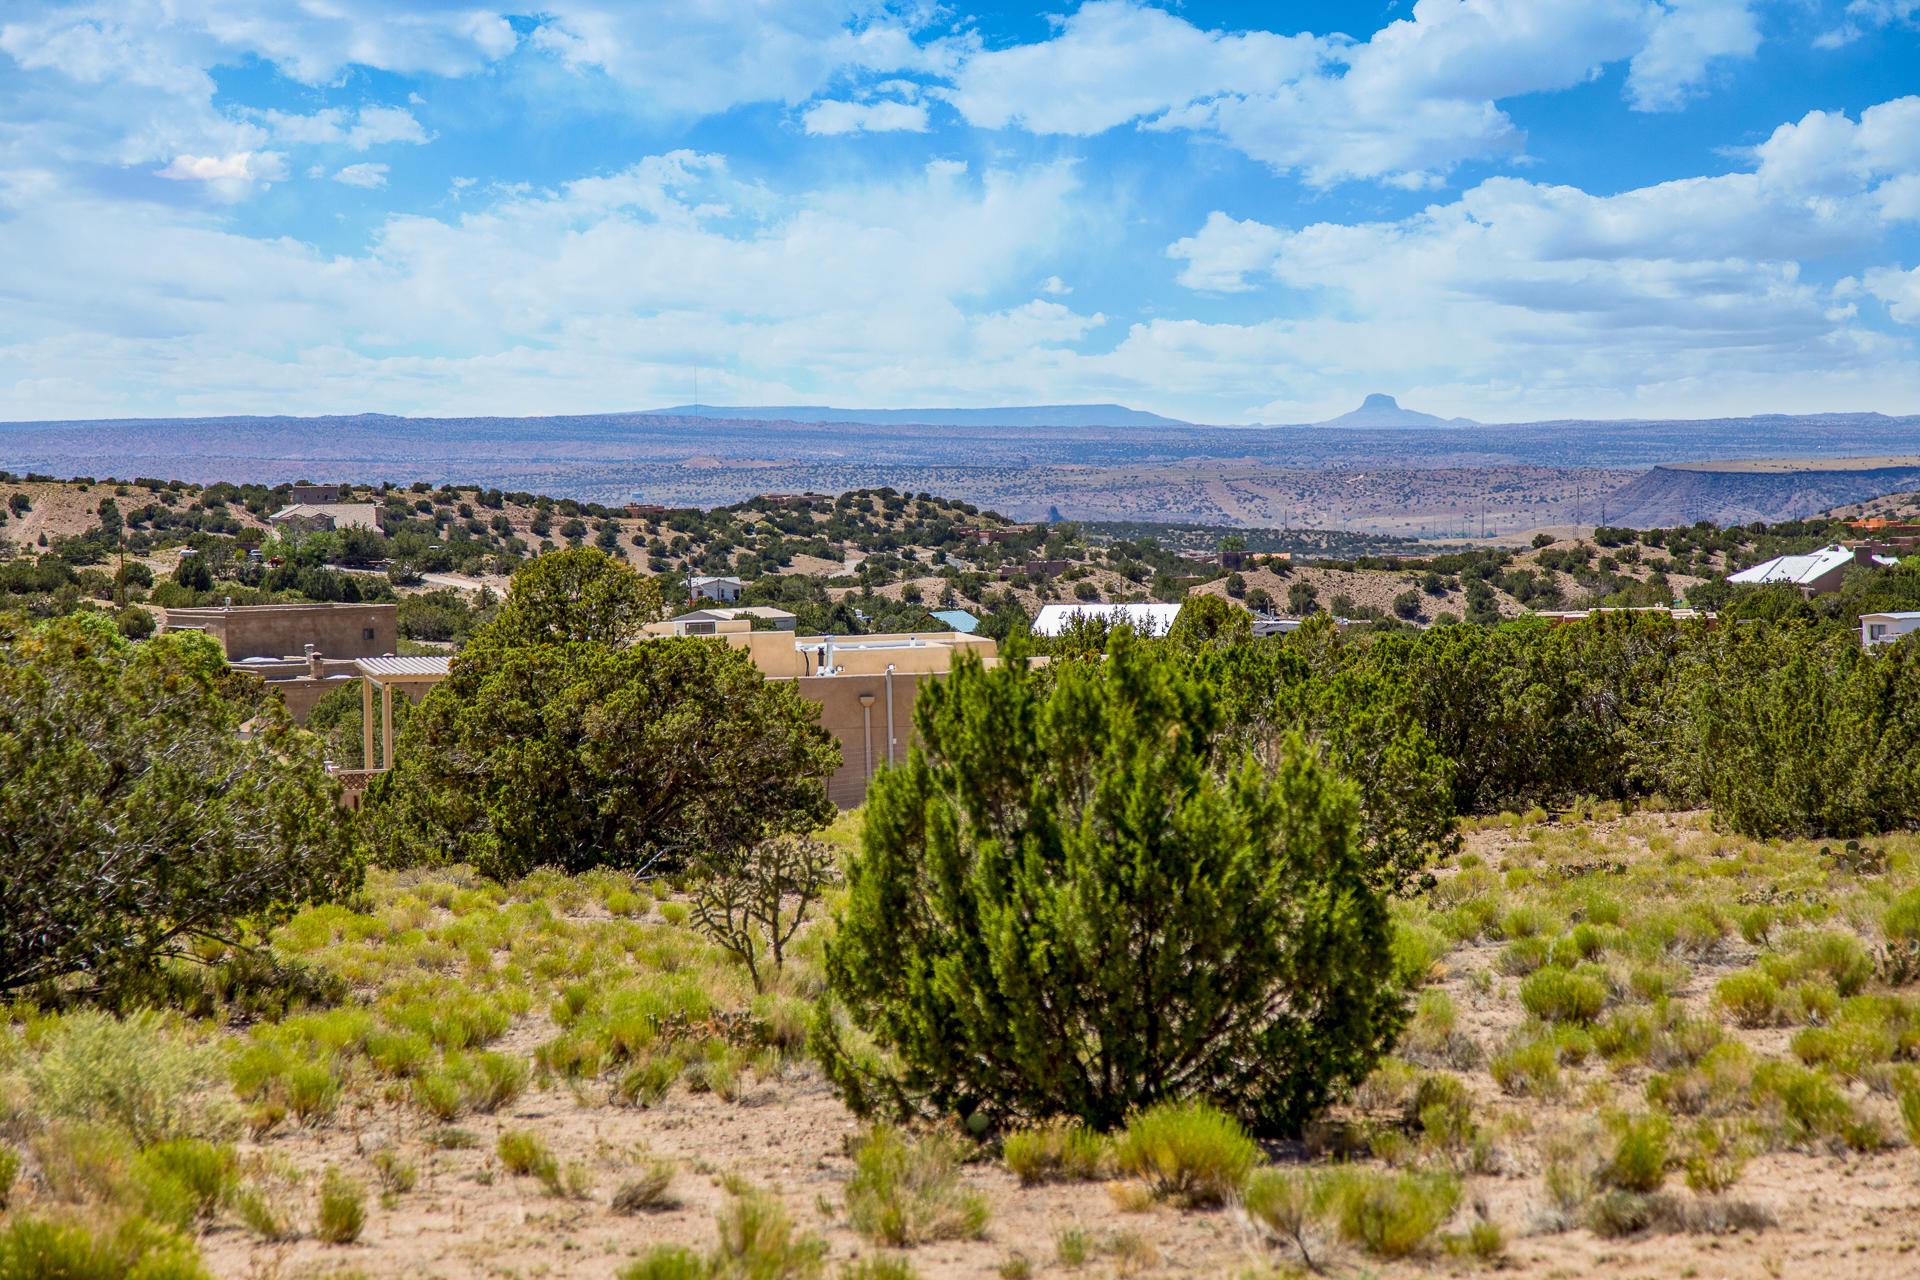 El Cerro Negro De Placitas Real Estate Listings Main Image